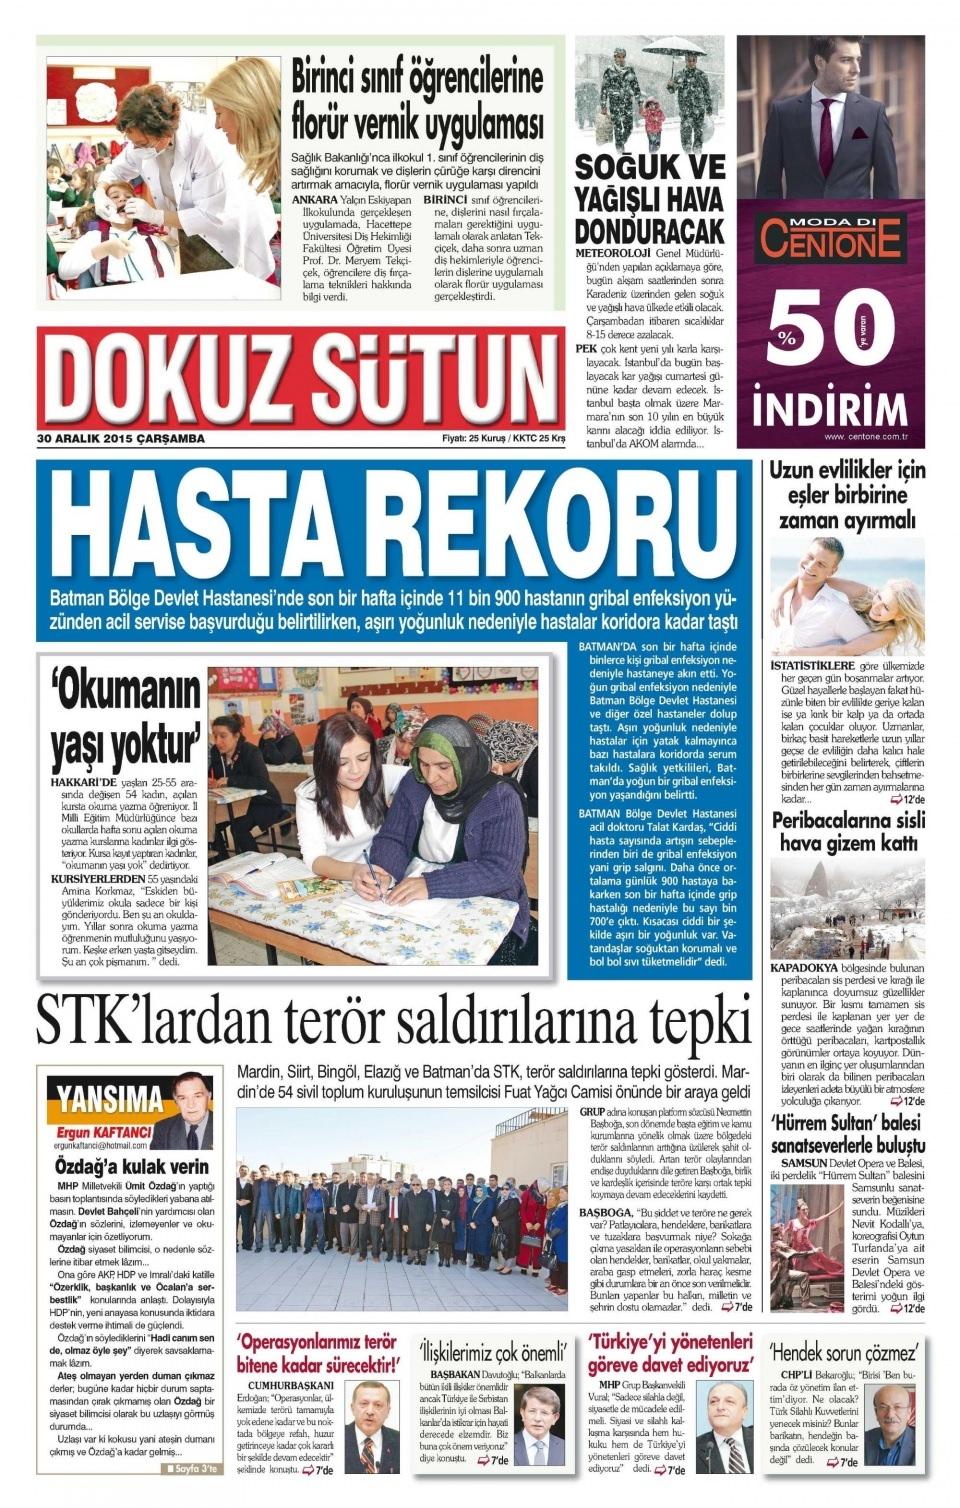 30 Aralık 2015 gazete manşetleri 8